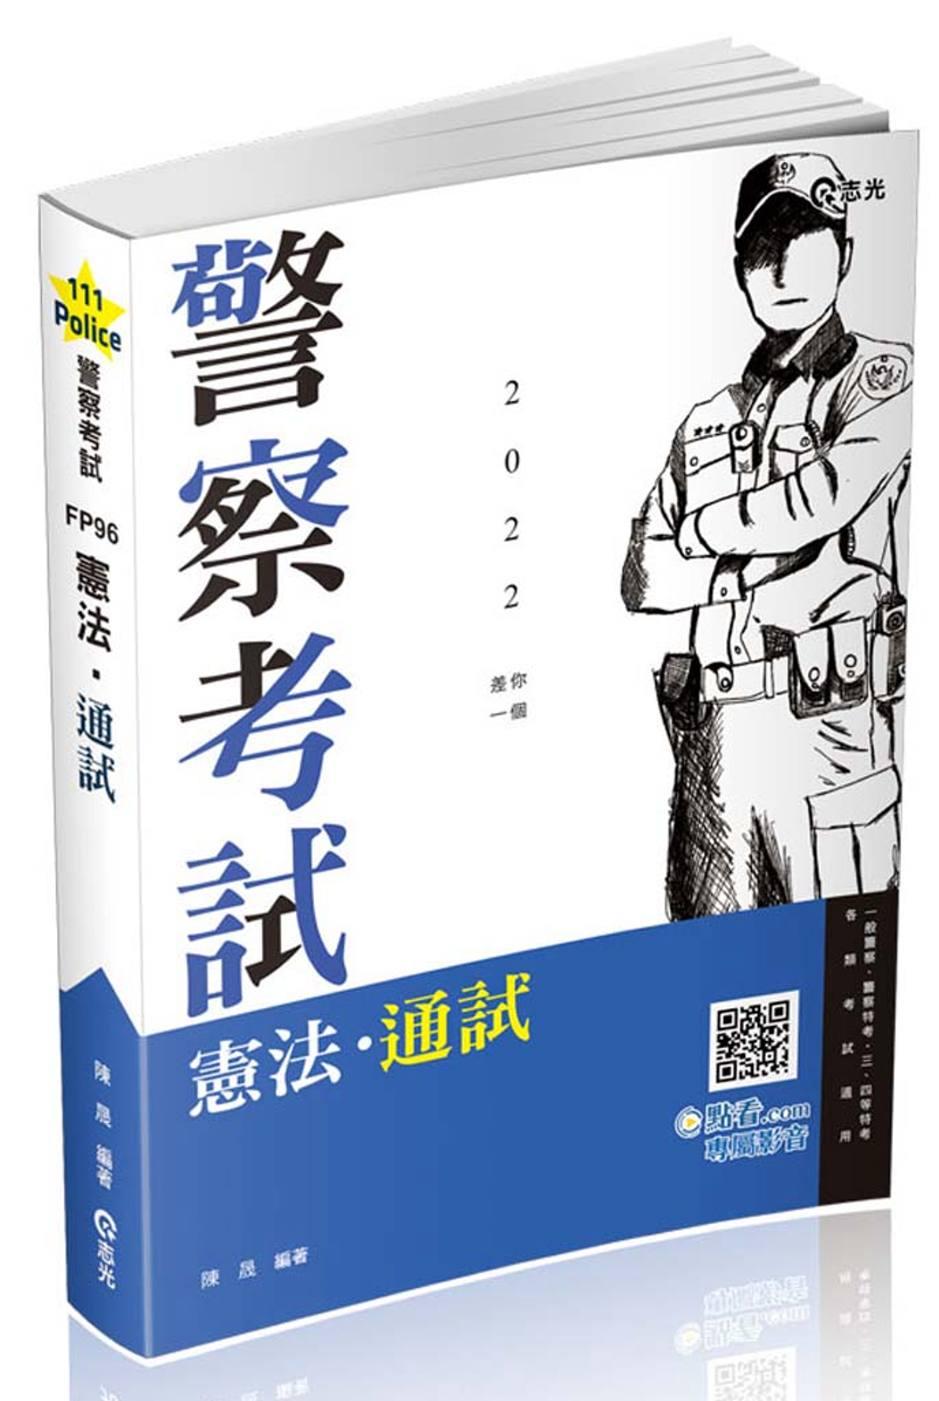 憲法●通試(警察、高普、司法、...